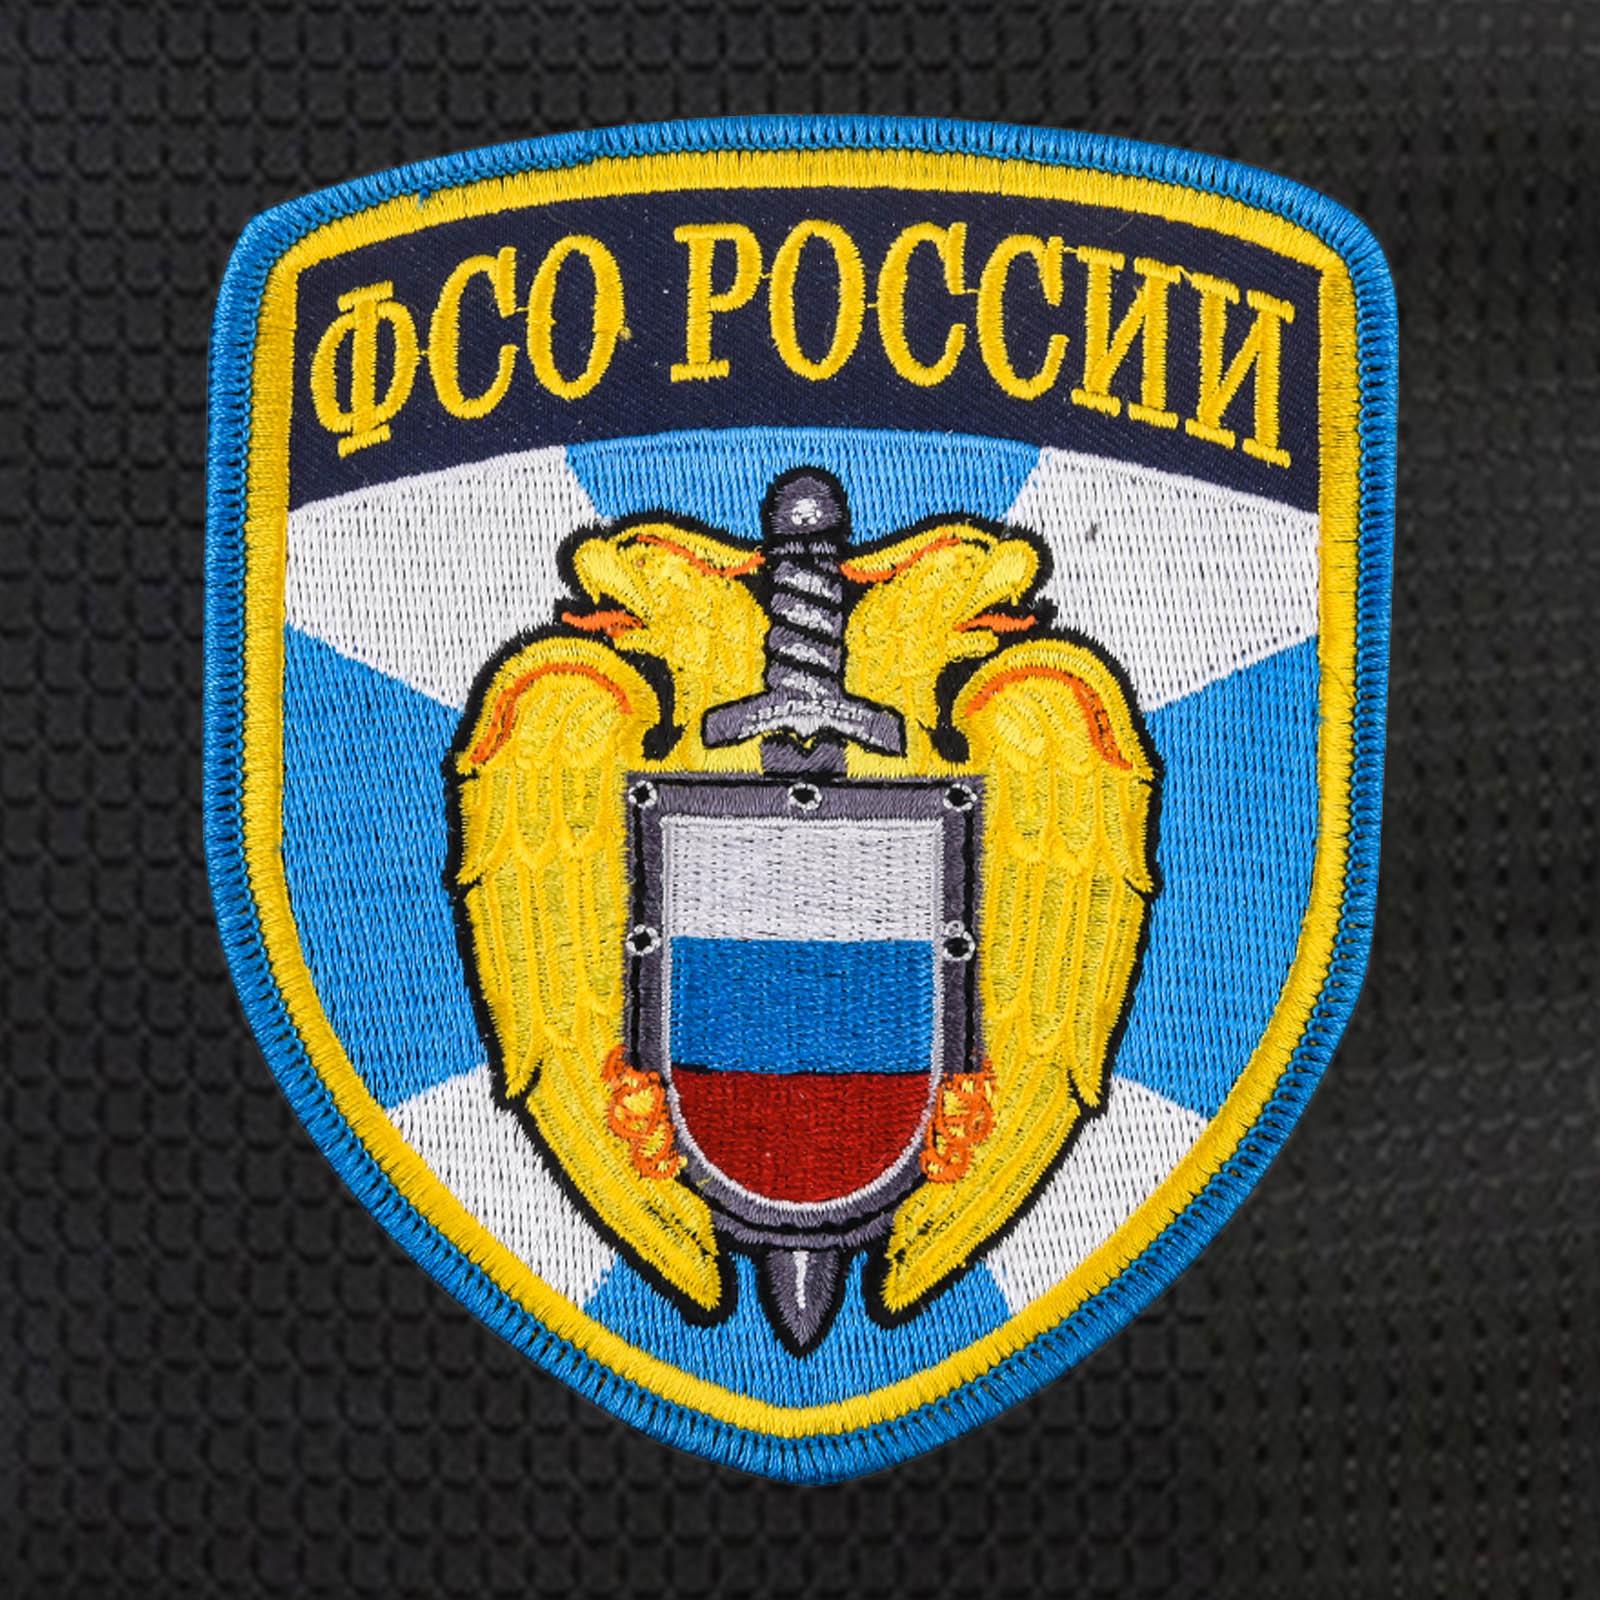 Четкий рюкзак ФСО России.